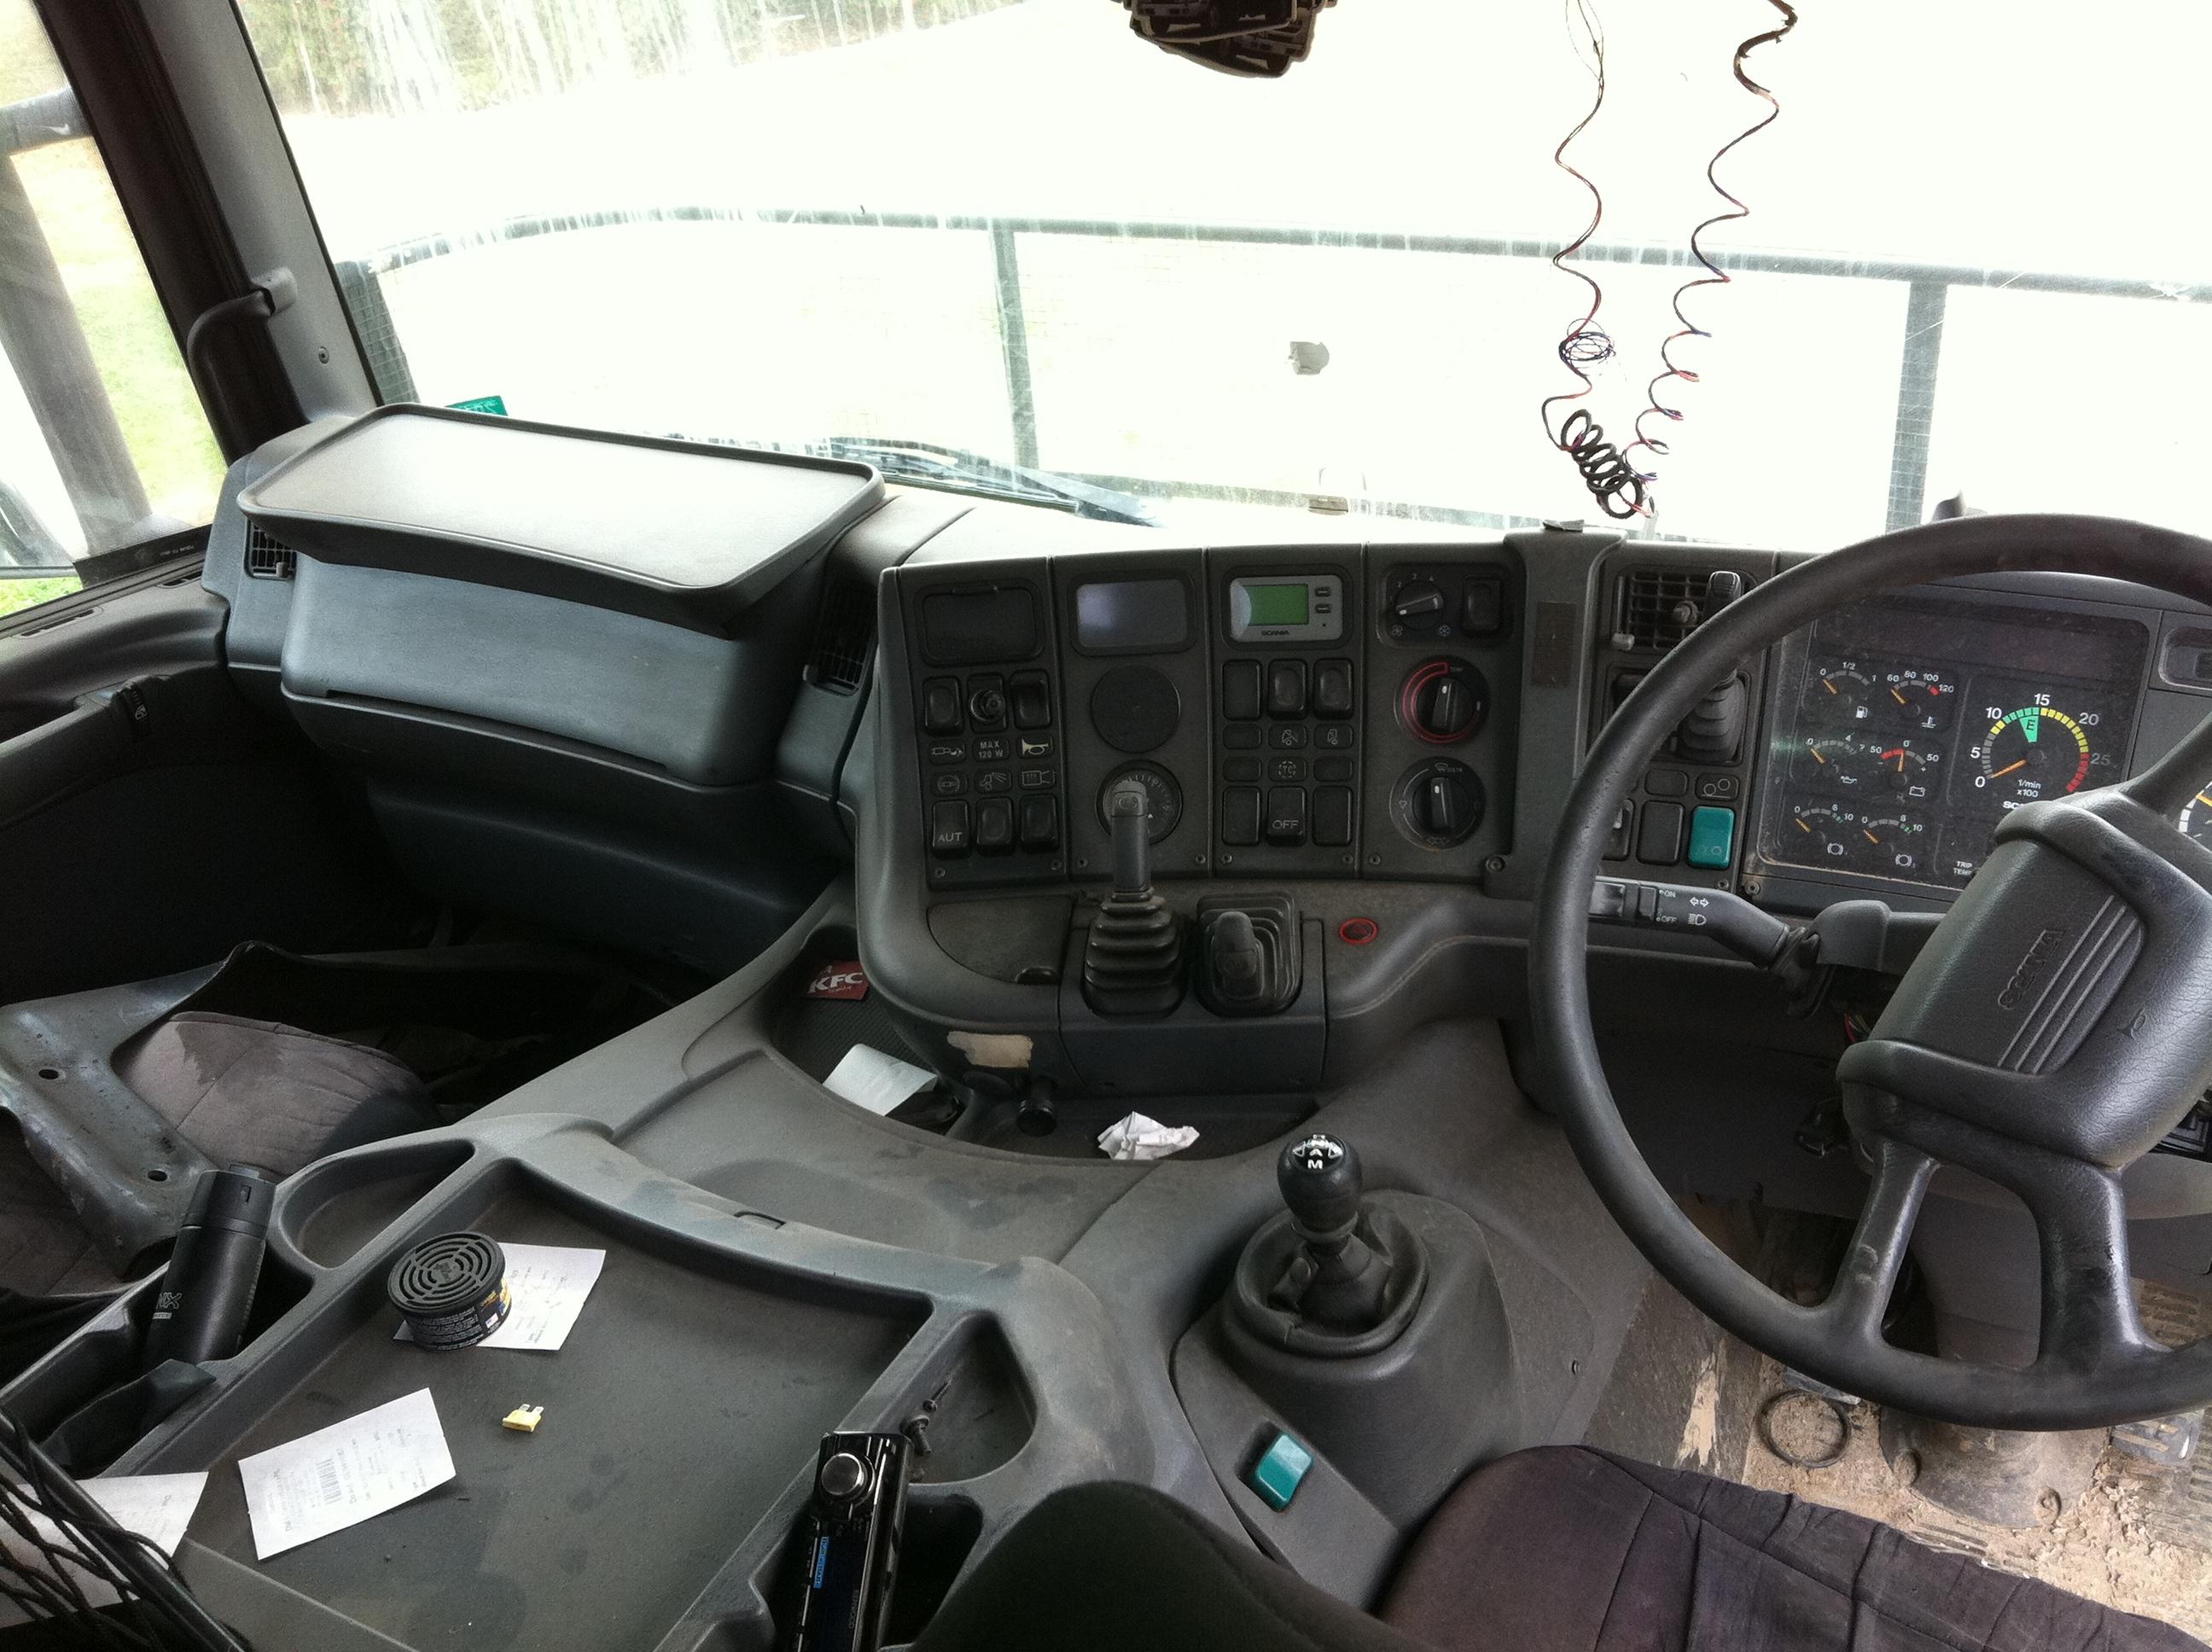 2003 Scania P124 S N W2362 Trucking Supplies